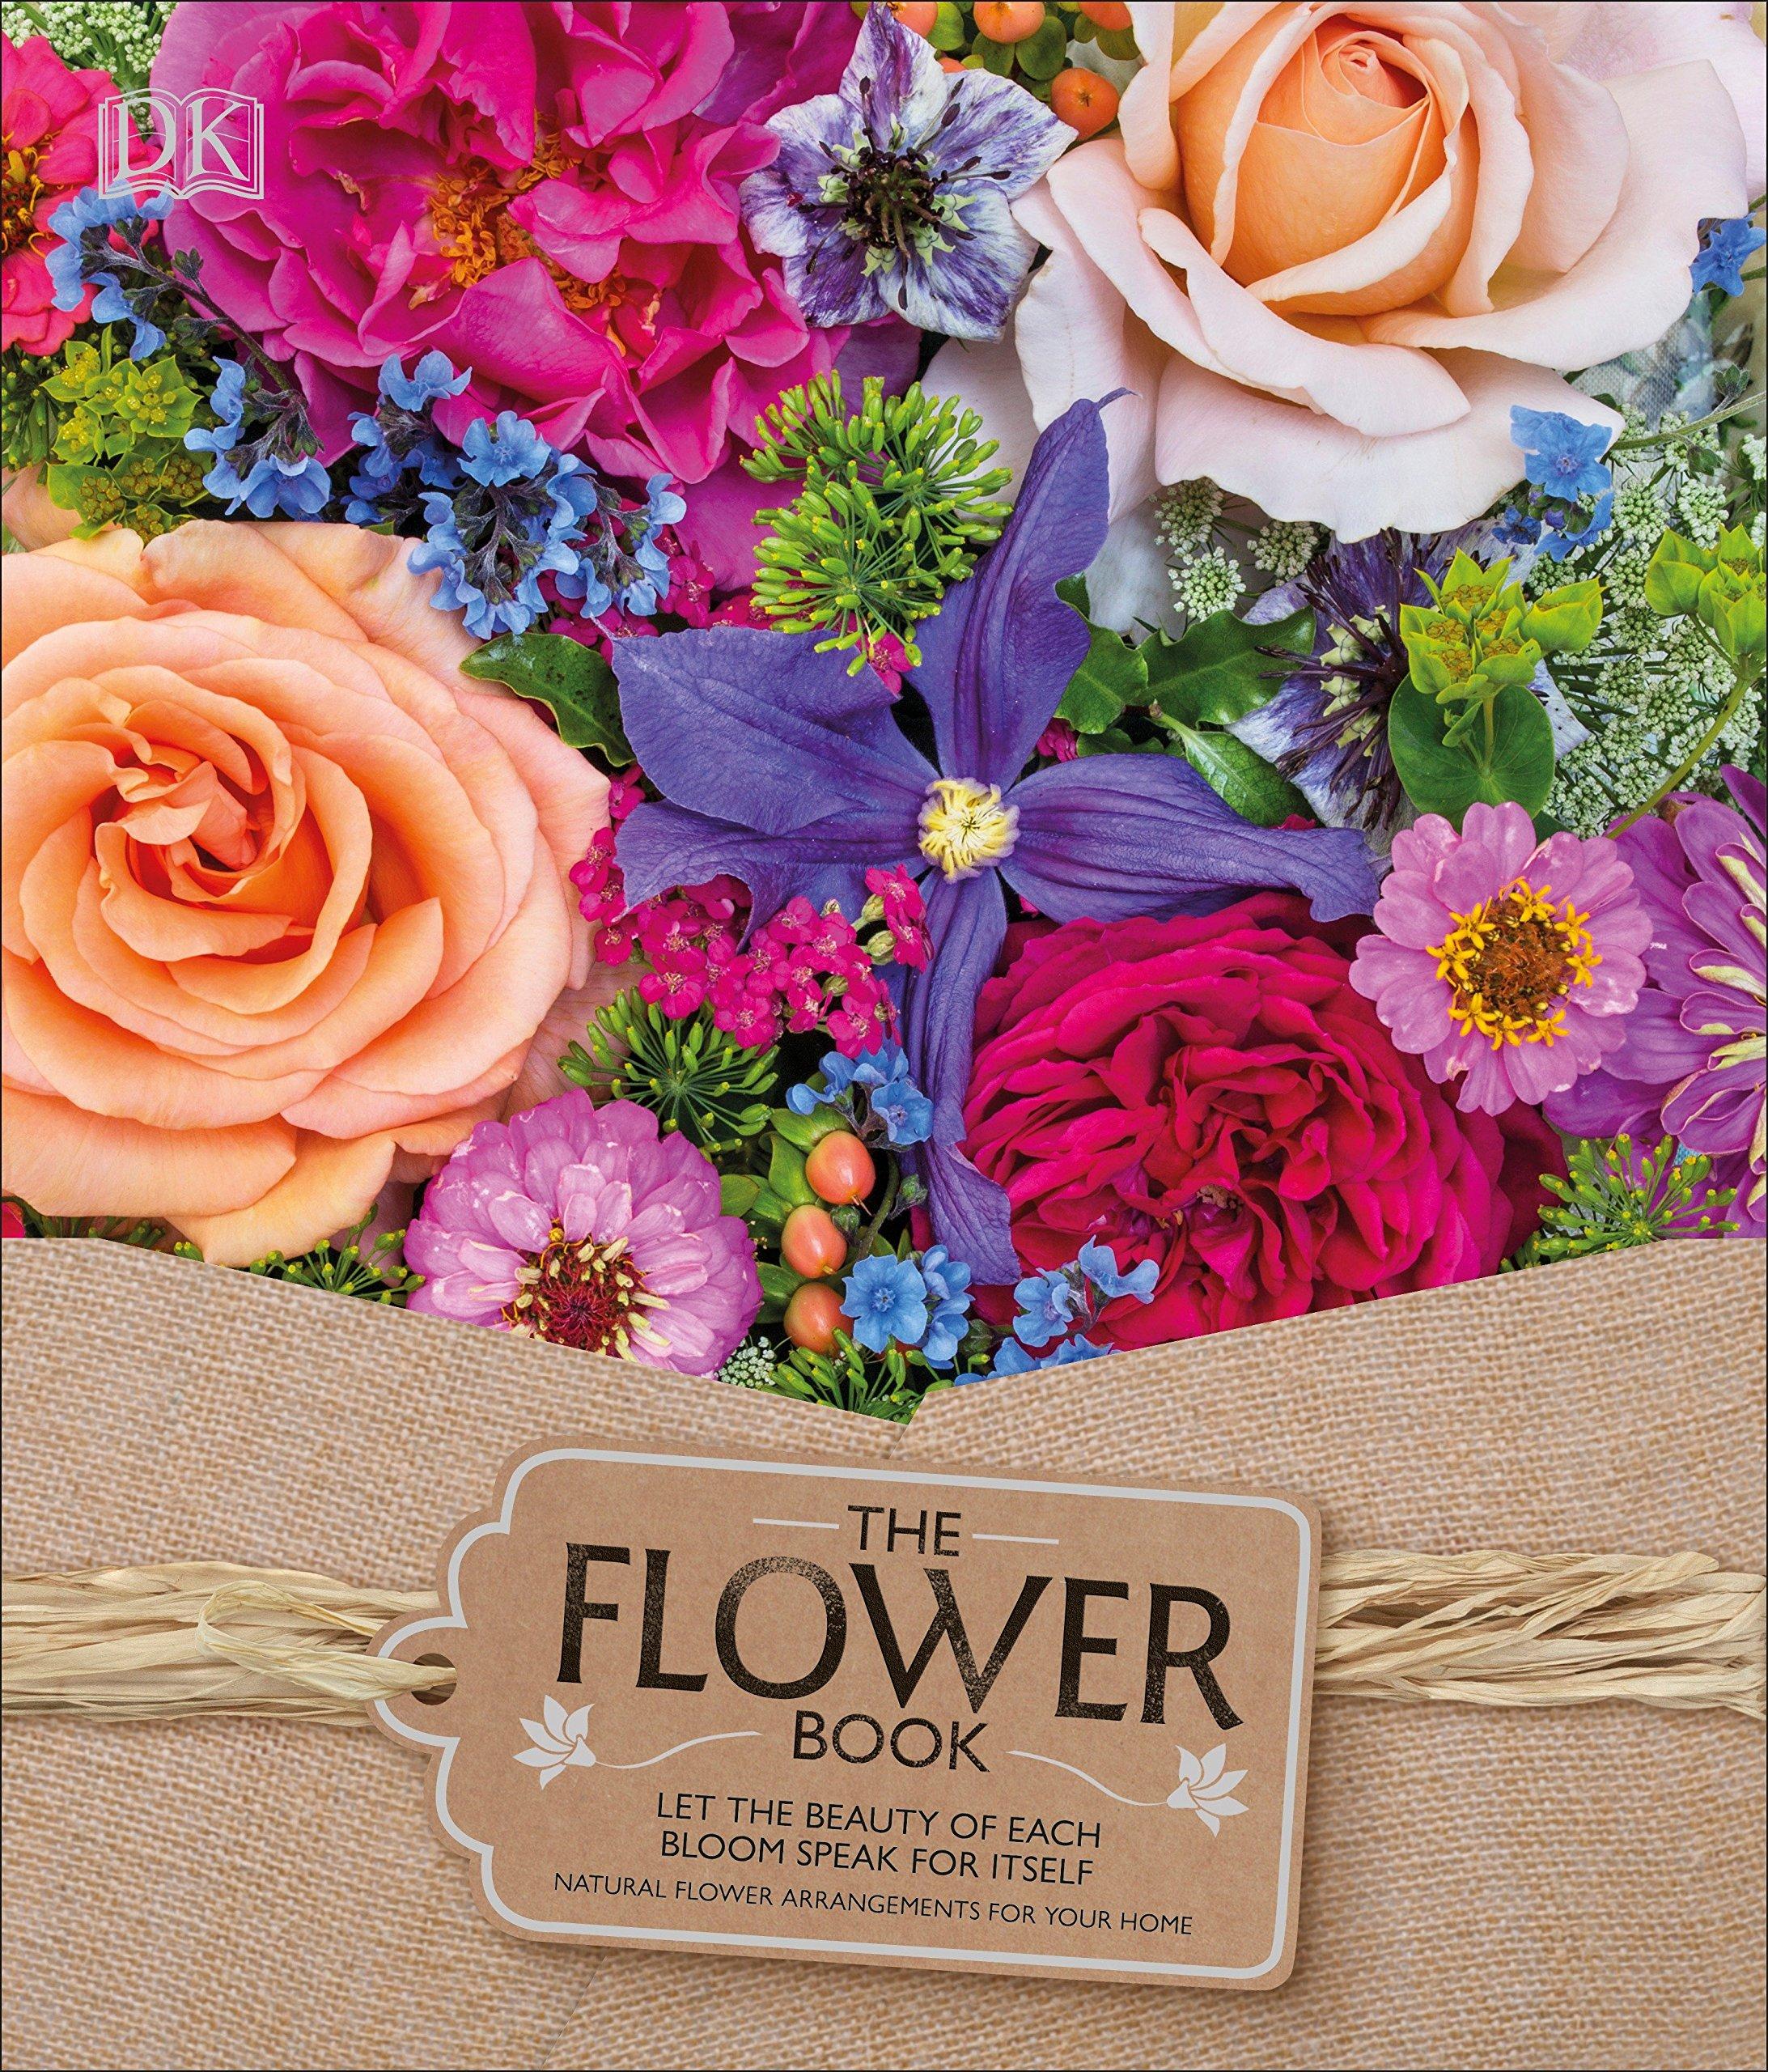 The flower book rachel siegfried 9781465445483 amazon books izmirmasajfo